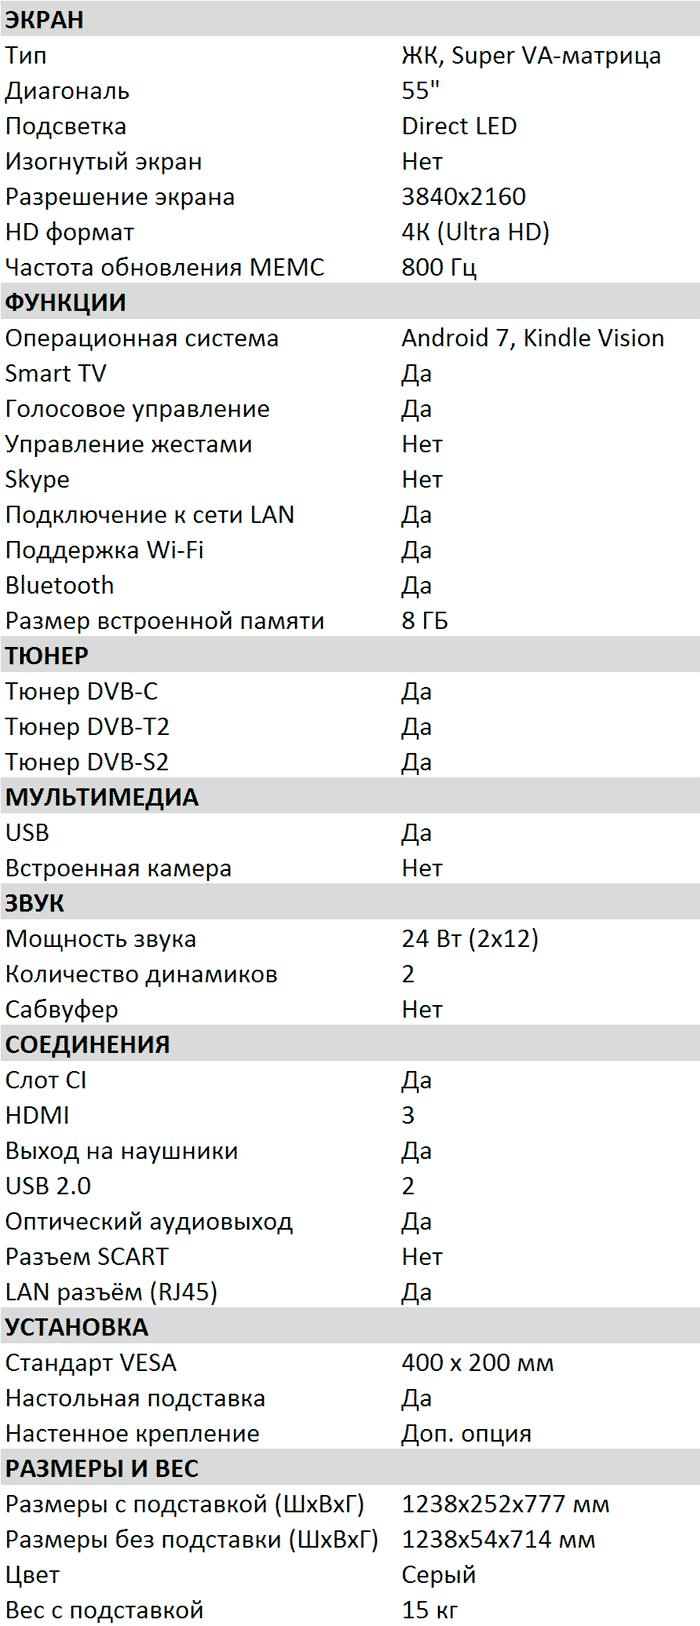 Характеристики UR50GR